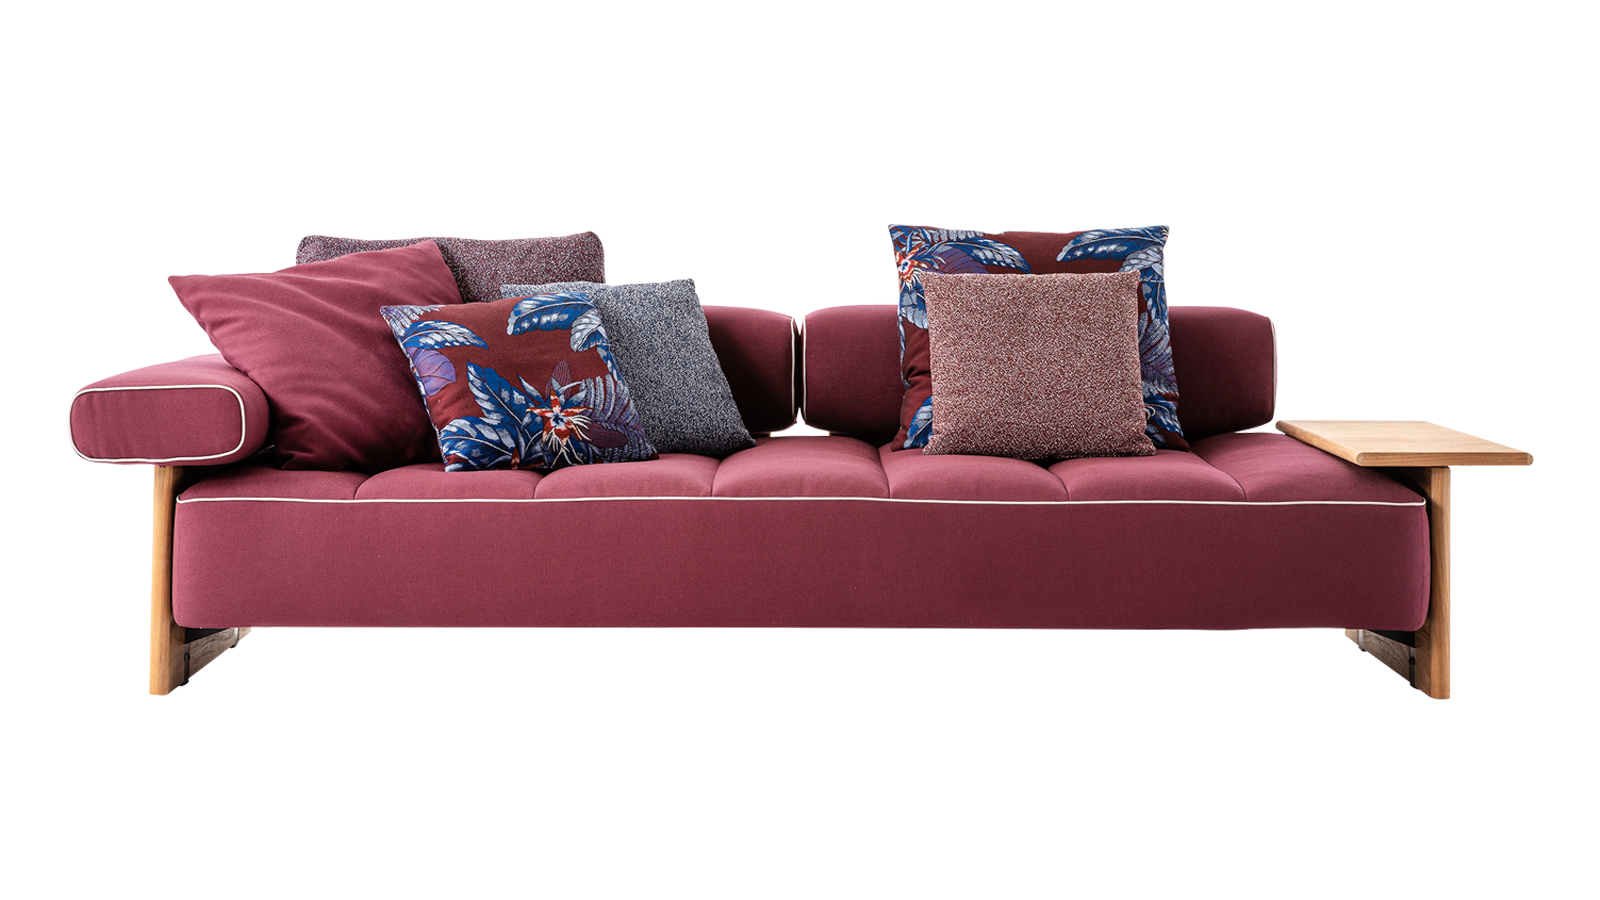 Az ötvenes évek tengerparti resort-jai inspirálták a tervezőt, Rodolfo Dordonit a Sail Out kültéri bútorkollekció megtervezése során. A sorozat főszereplője egy moduláris kanapé, mely a felfújható ágyak formavilágát idézi fel, és mely különlegesen kényelmes pihenést garantál, ráadásul több színben, választható kiegészítőkkel és méretben kapható. A kollekciót különböző méretű puffok és lerakóasztalok teszik teljessé.